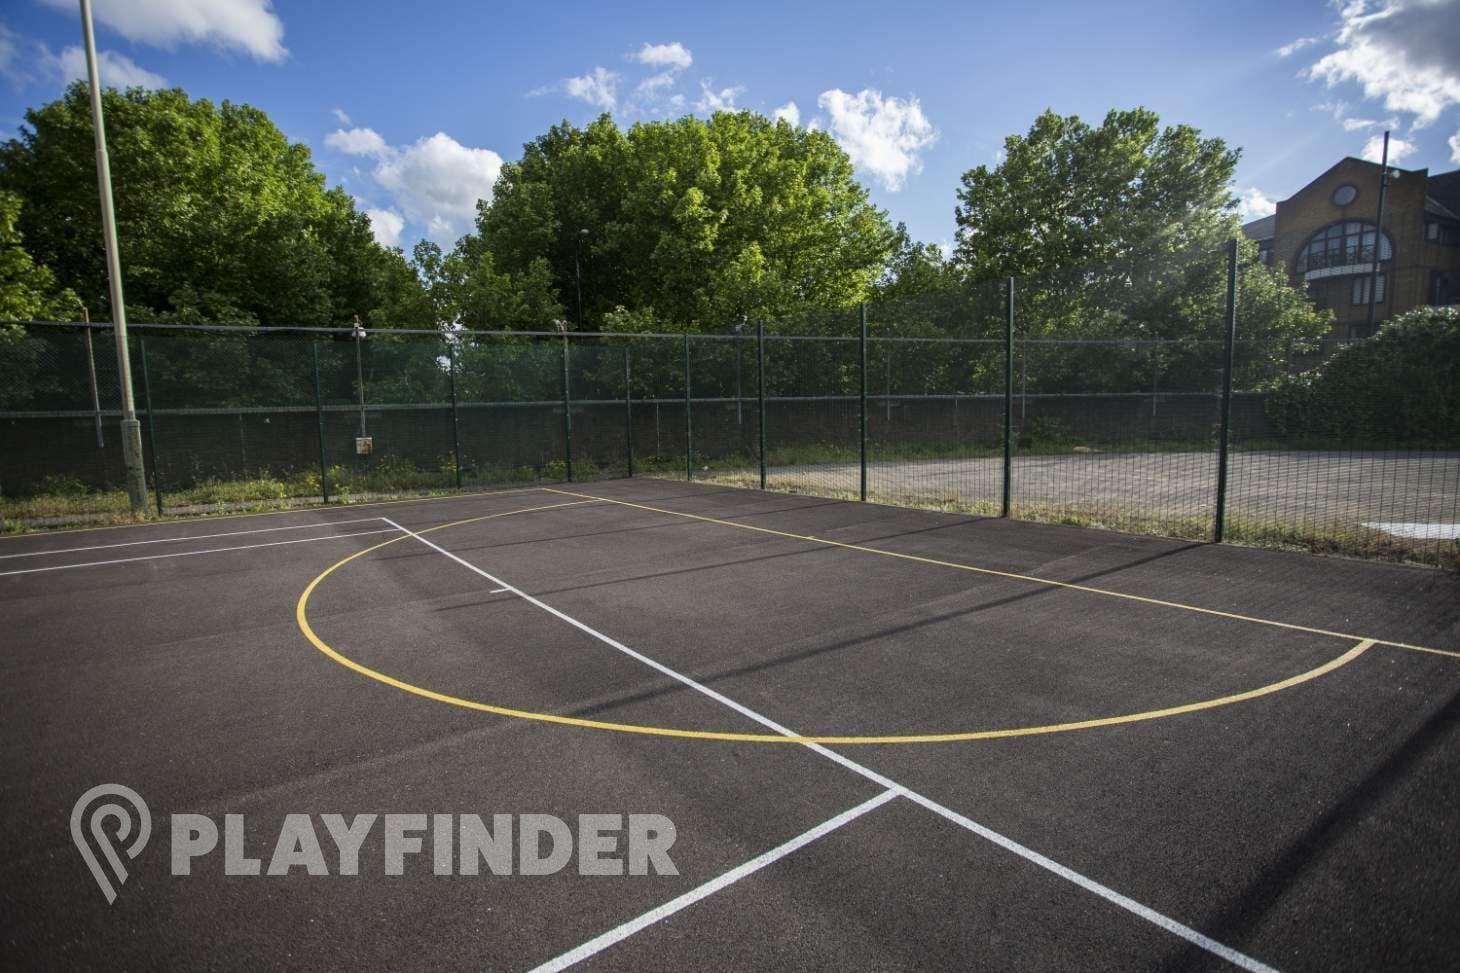 John Orwell Sports Centre Outdoor | Hard (macadam) netball court